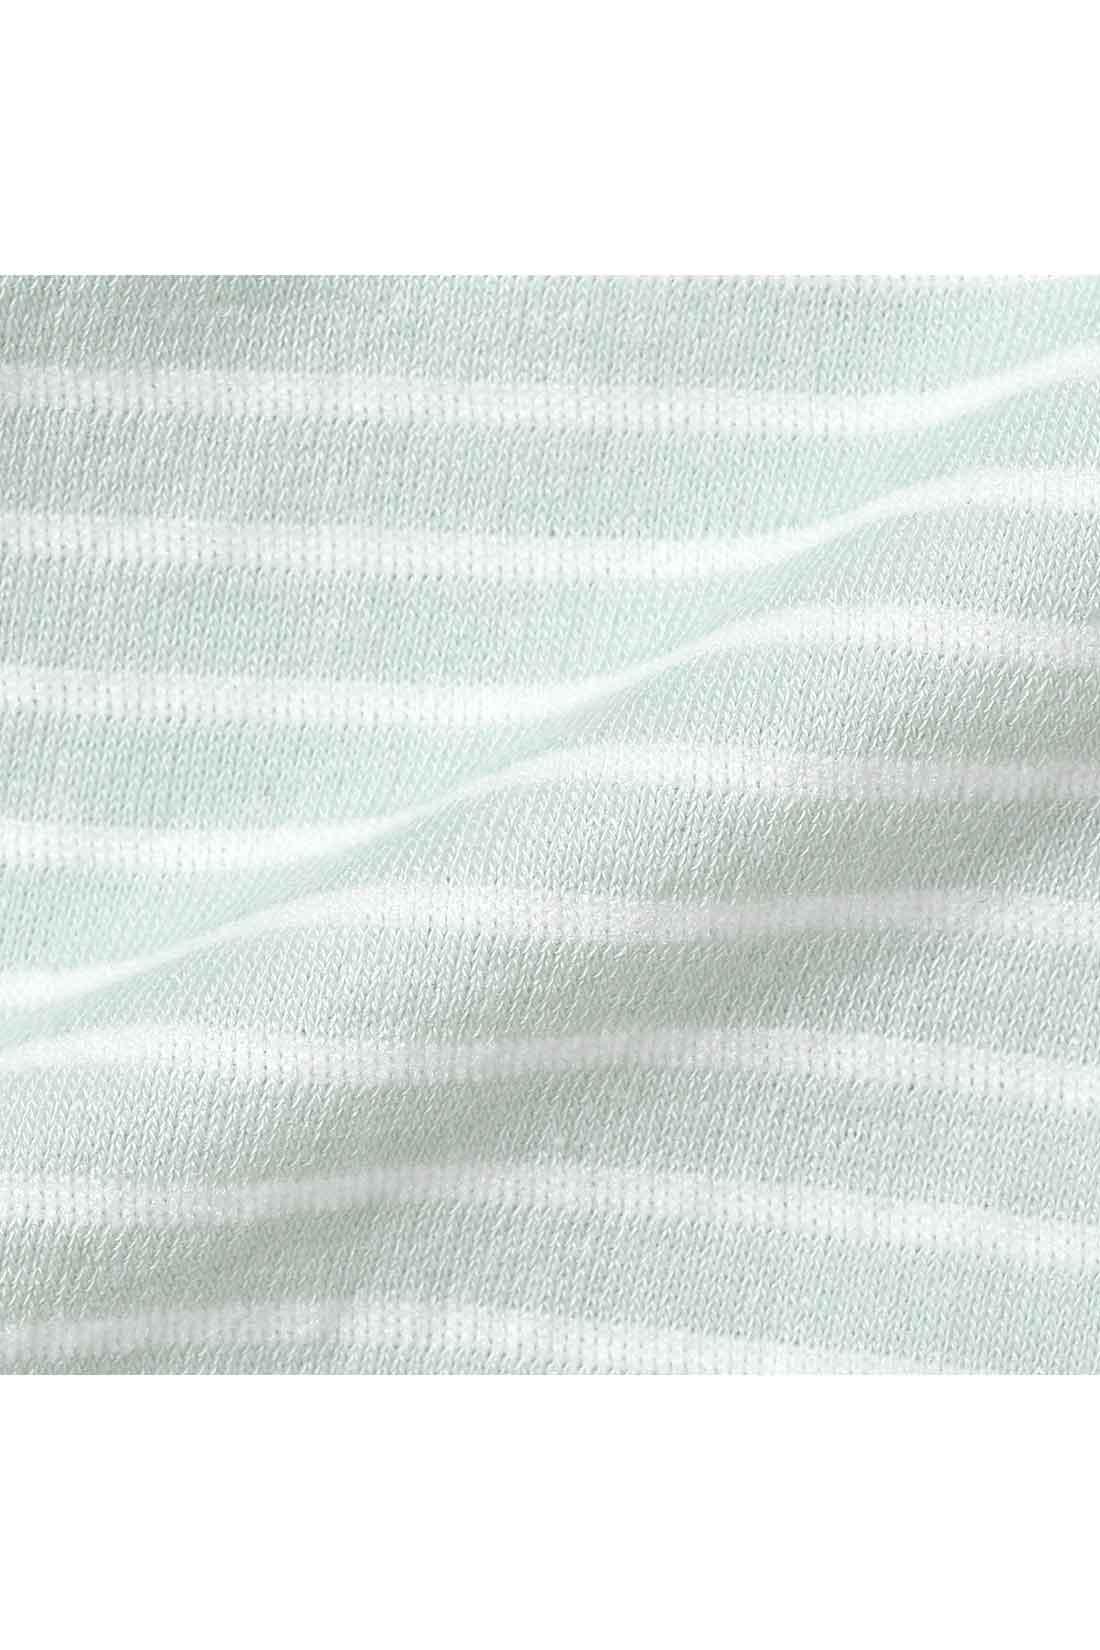 安心のすっぽり深ばき丈♪  裏パイルの綿混ショーツ〈ライトグリーン〉